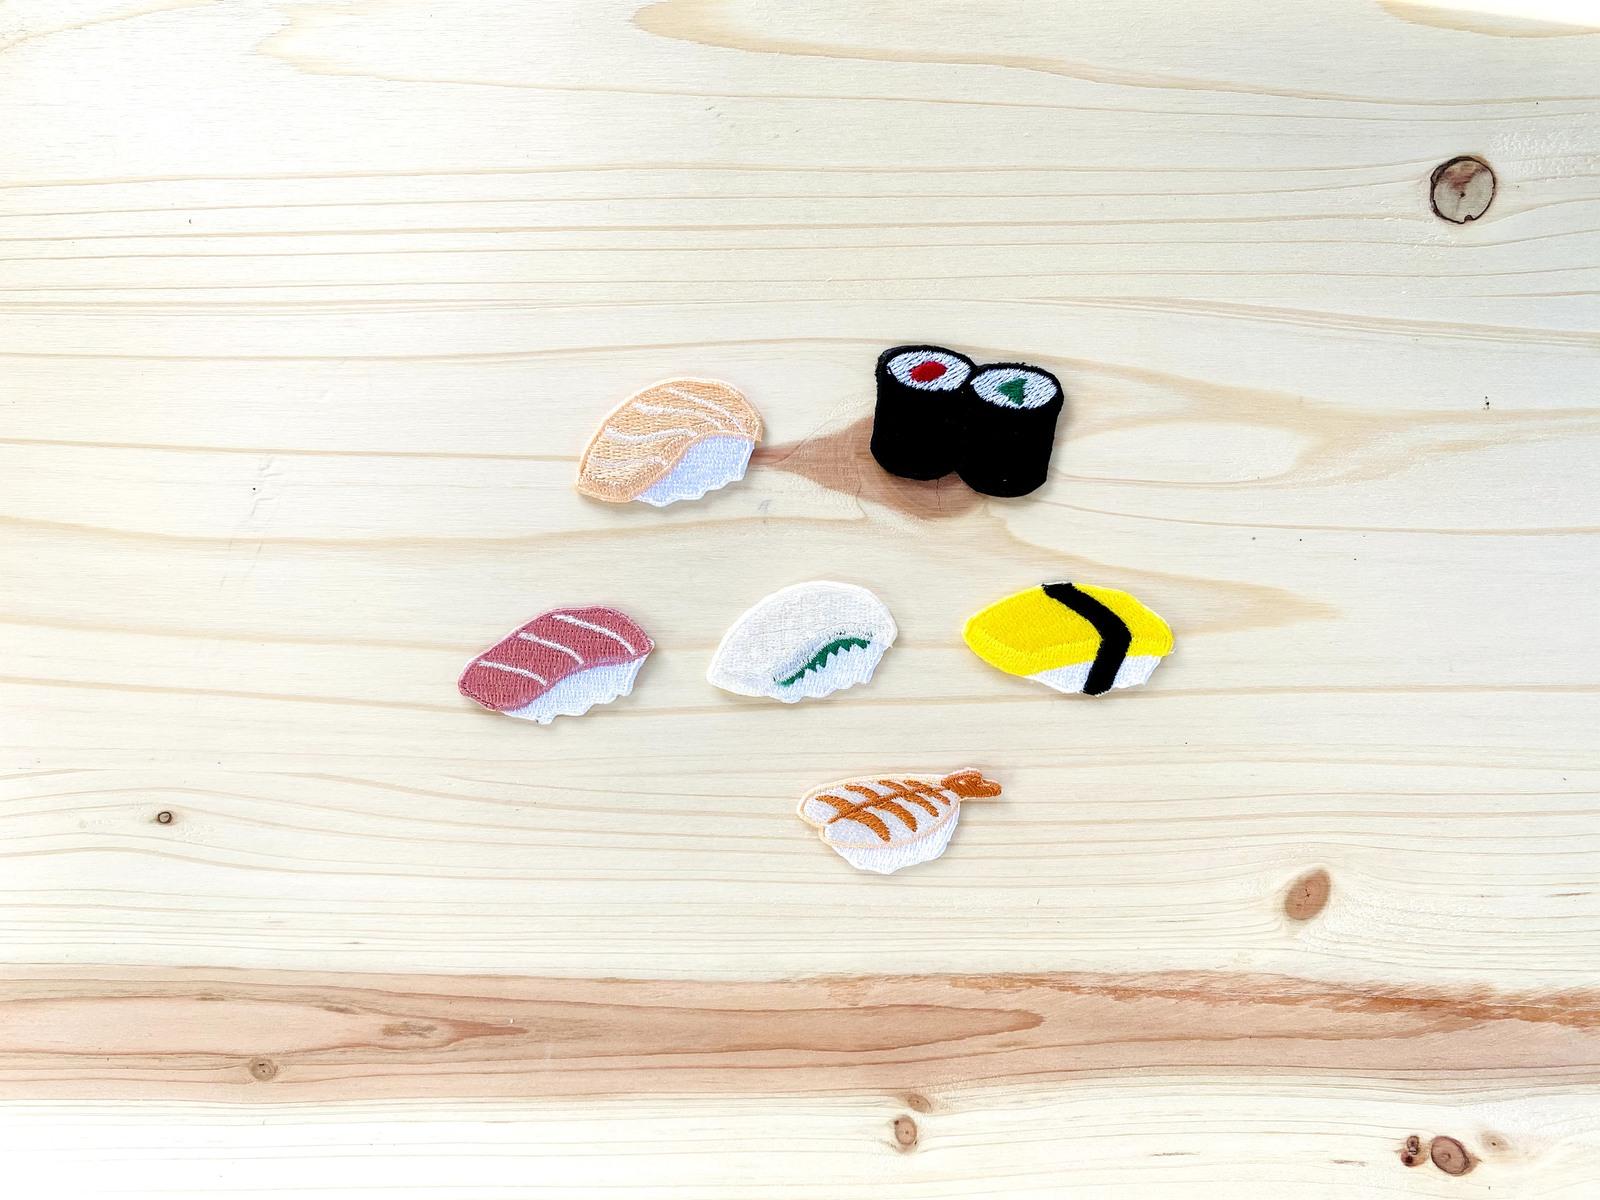 奉呈 大 寿司の刺繍ワッペン トロ 春の新作続々 サーモン イカ エビ 玉子 鉄火かっぱ巻き